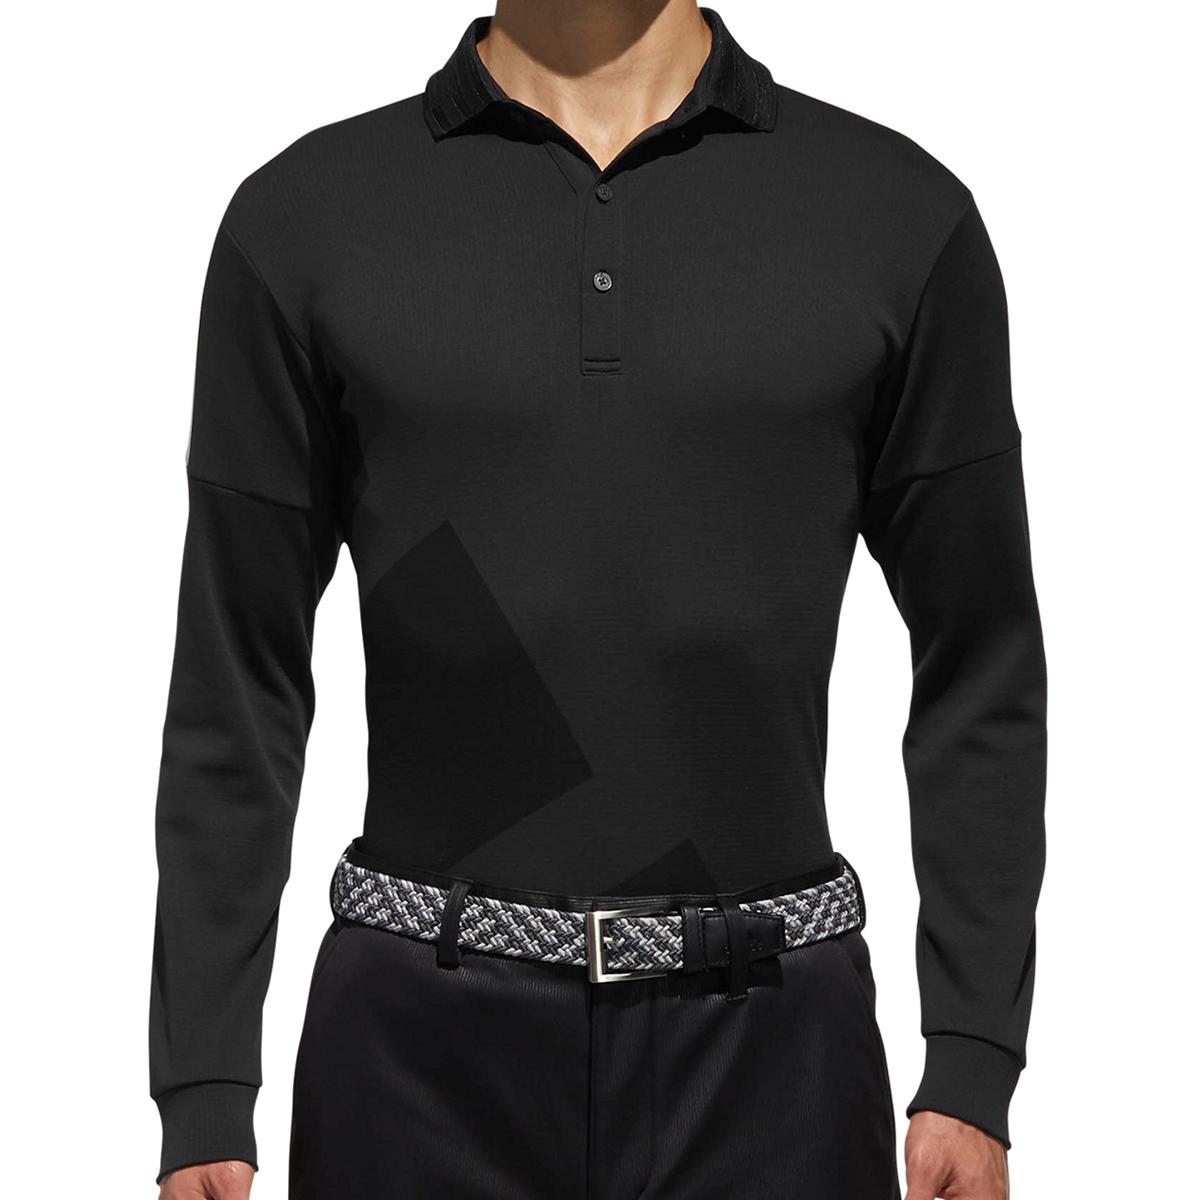 CP ビックストライプ長袖 ポロシャツ